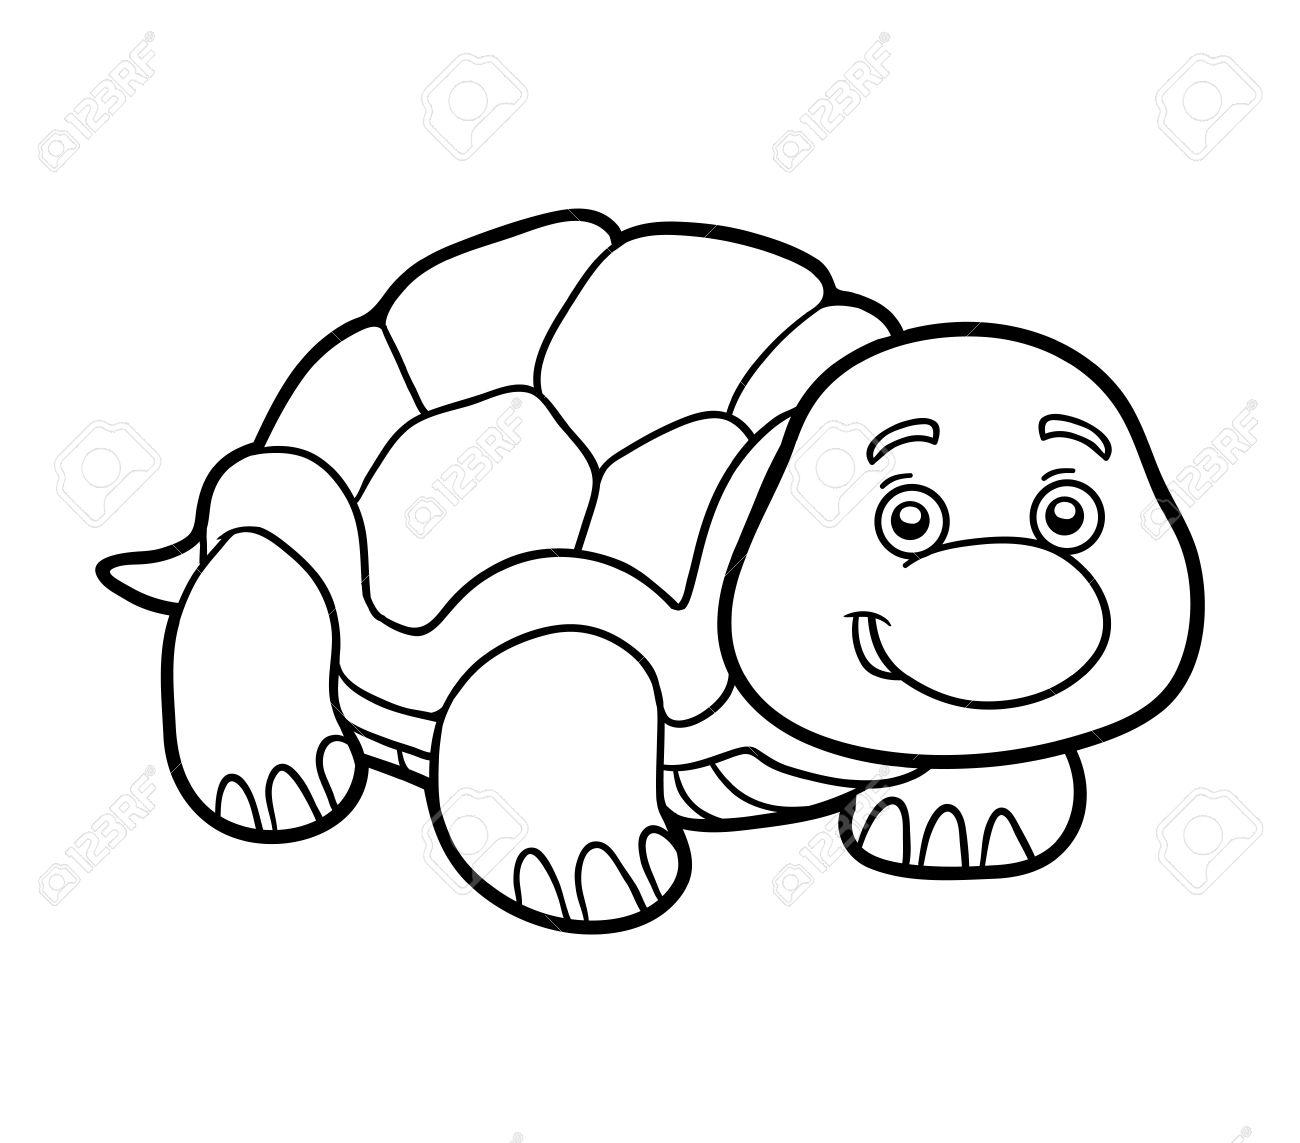 Malbuch Für Kinder (Schildkröte) Lizenzfrei Nutzbare Vektorgrafiken ...